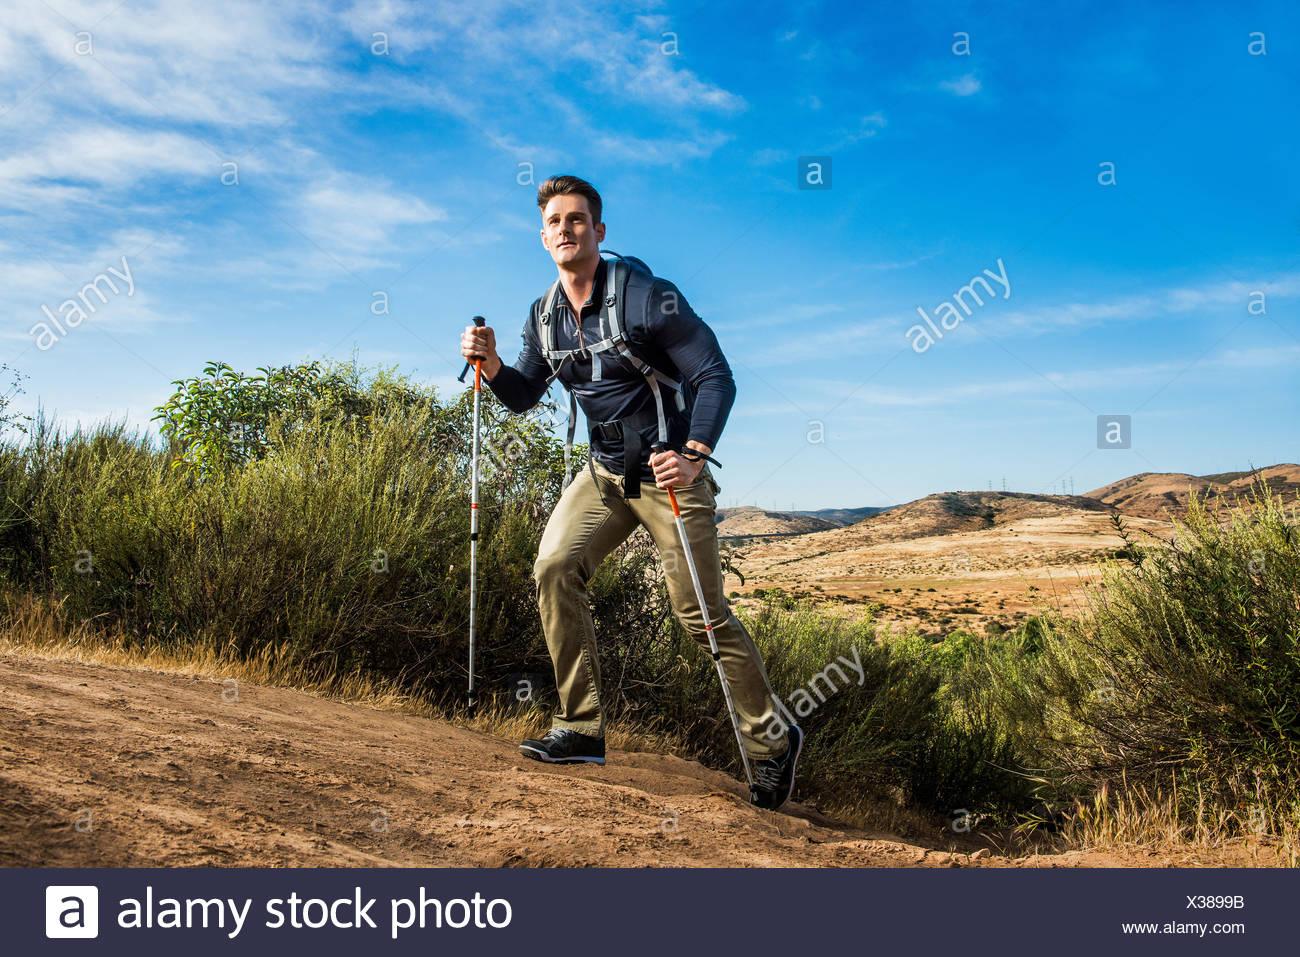 Excursionista macho en entorno rural Imagen De Stock